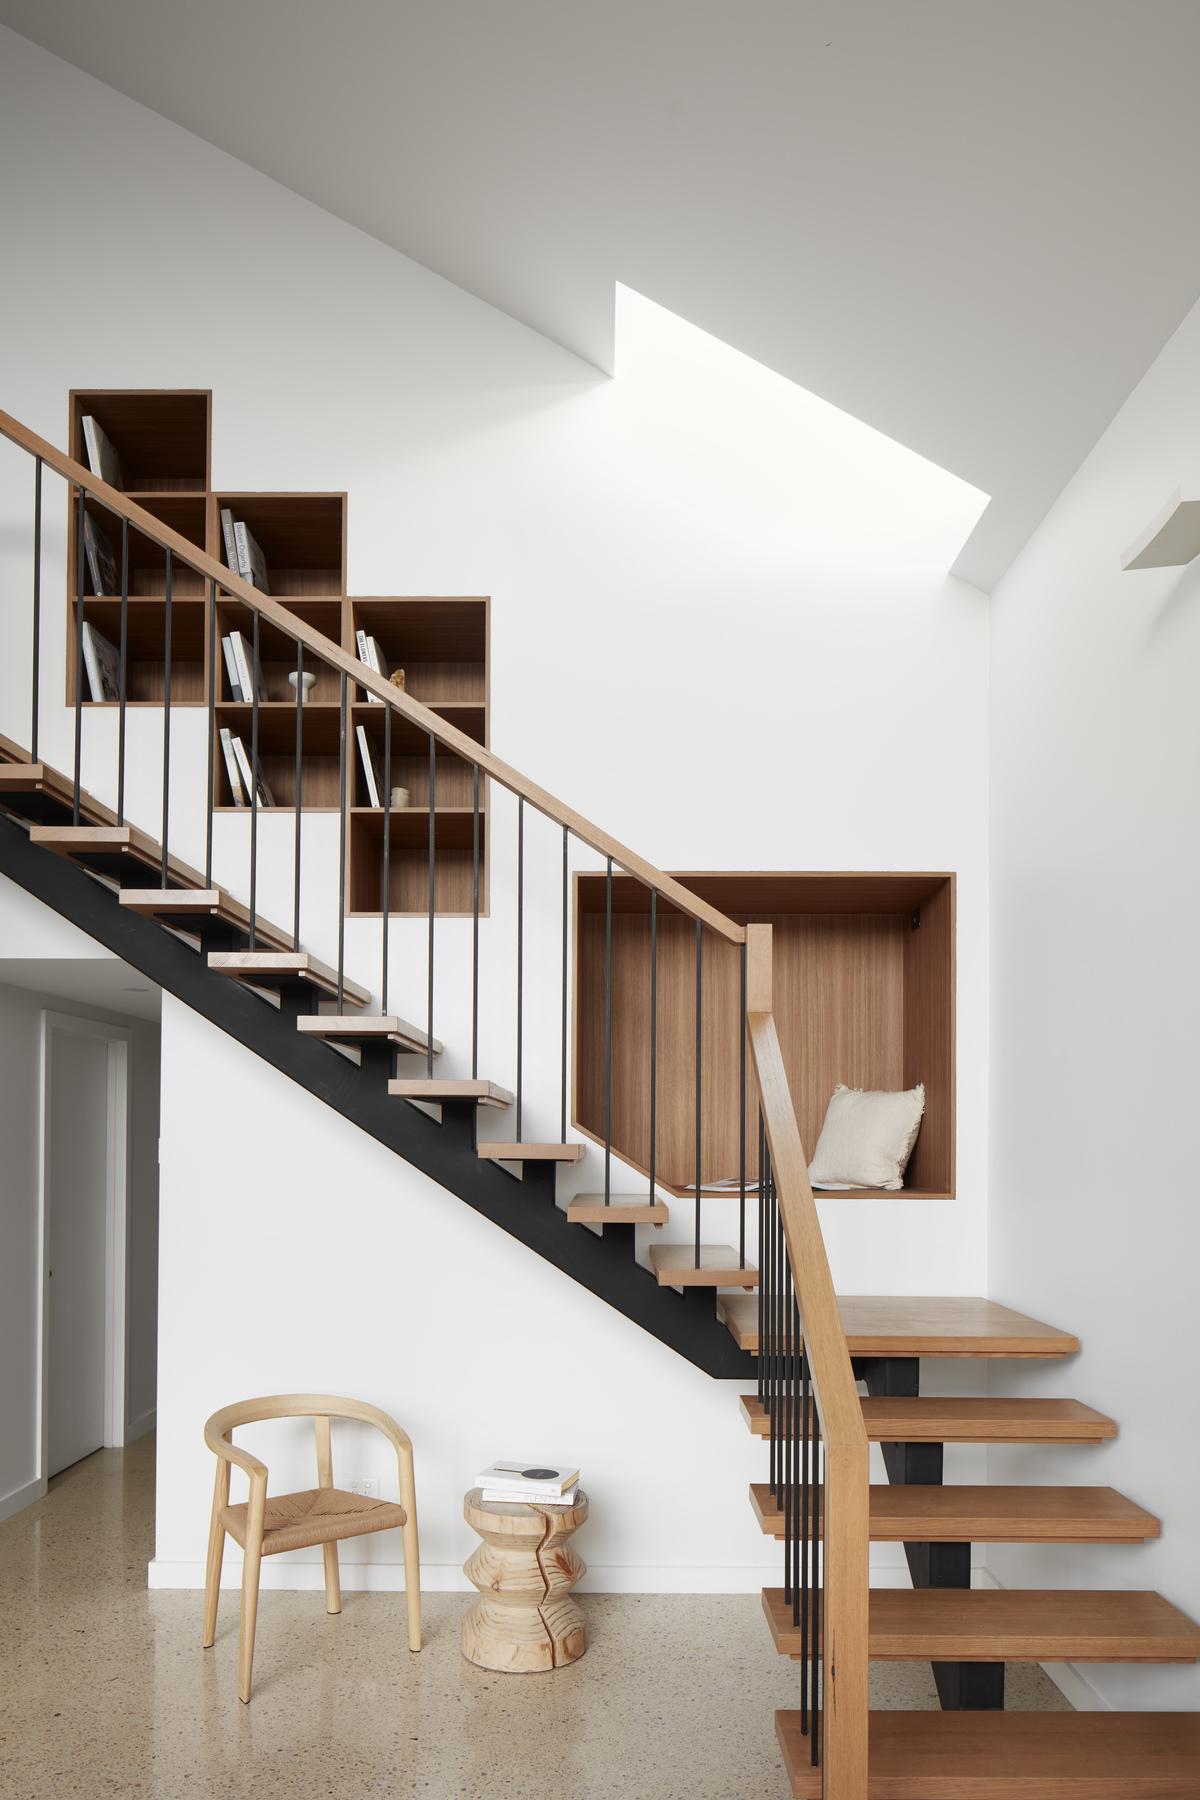 Australian Design, Kingsville Residence by Richard King Design, Melbourne, VIC, Australia (10)